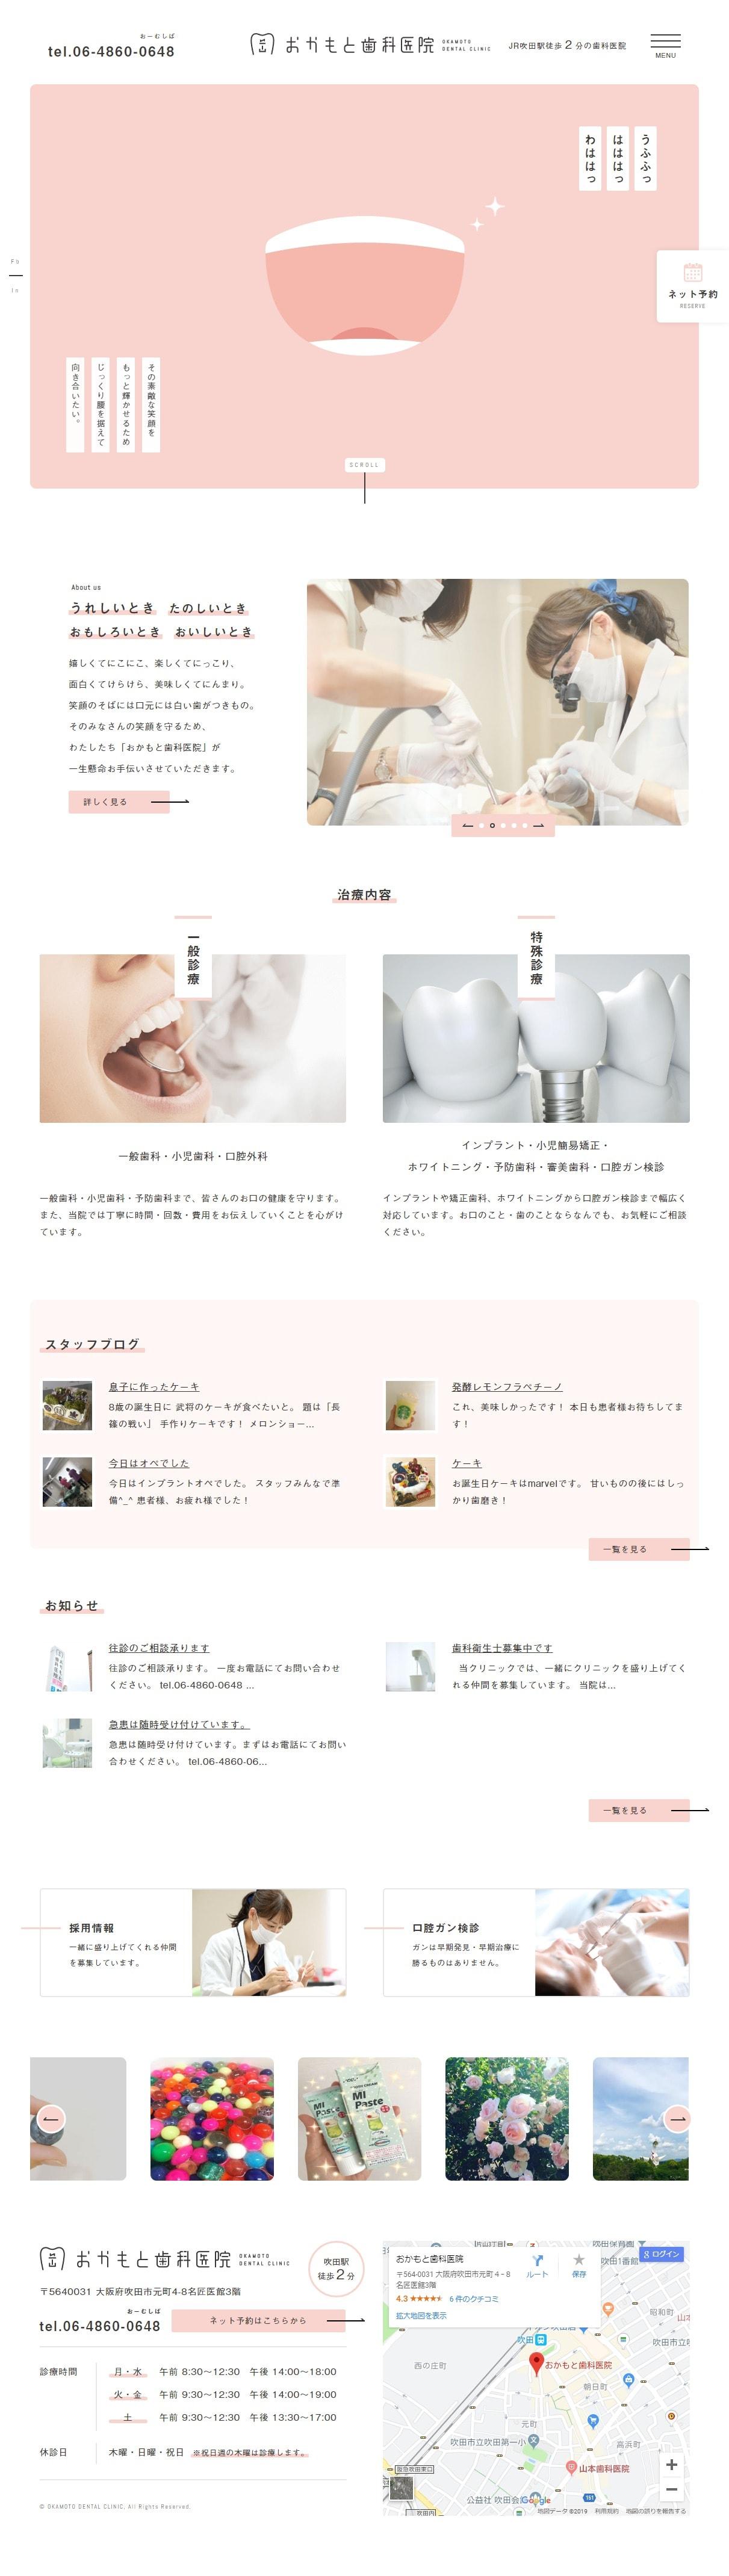 おかもと歯科医院|大阪府吹田市の歯医者